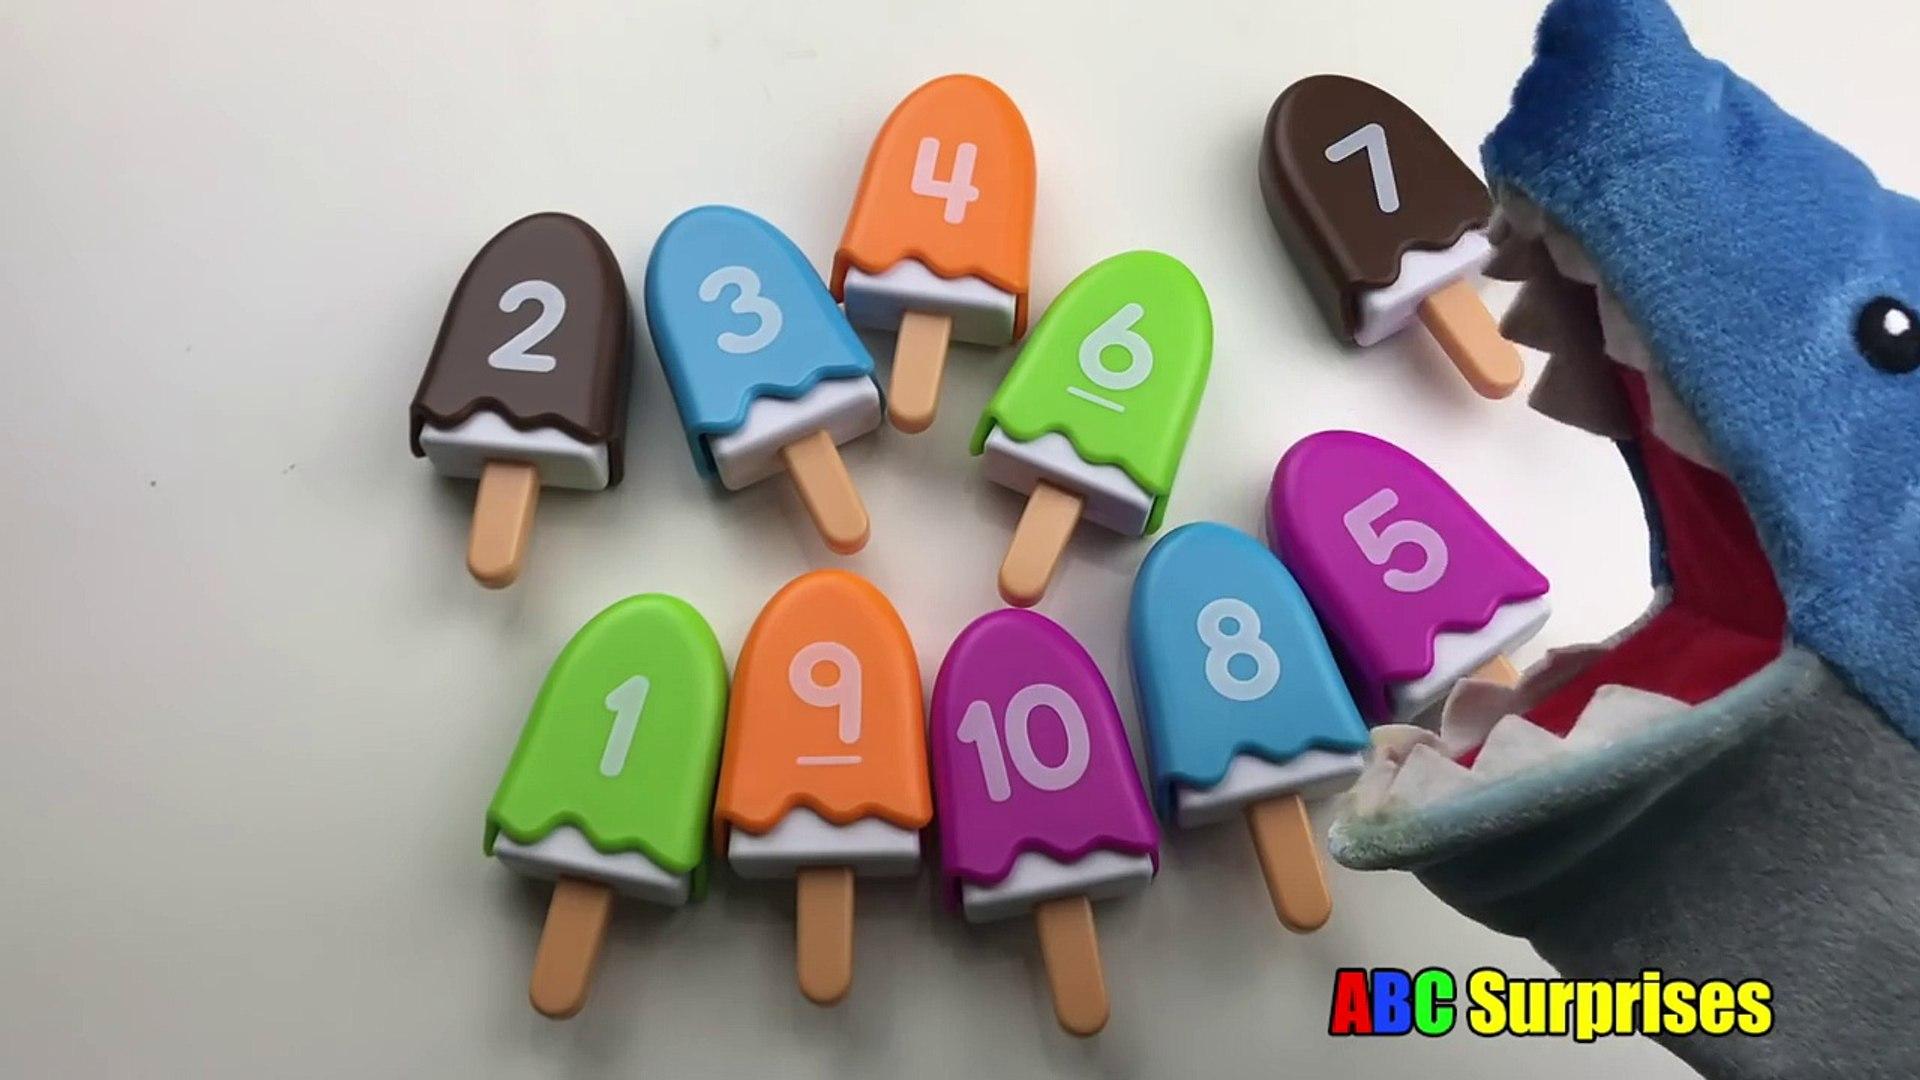 Лучший Лучший цвета питание для фрукты лед Узнайте обучение имен детей младшего возраста игрушка ово